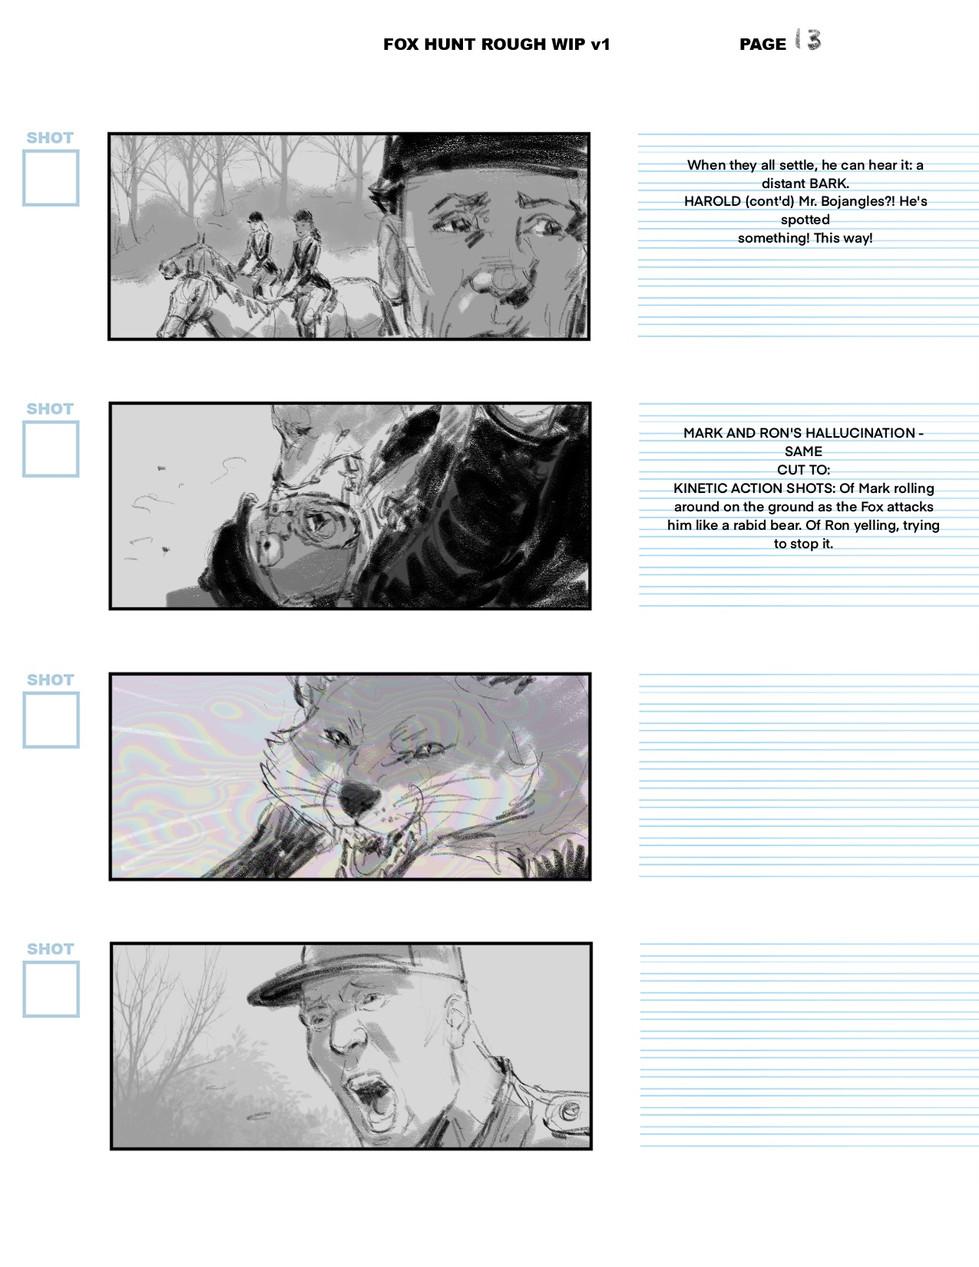 FH pg13.JPG